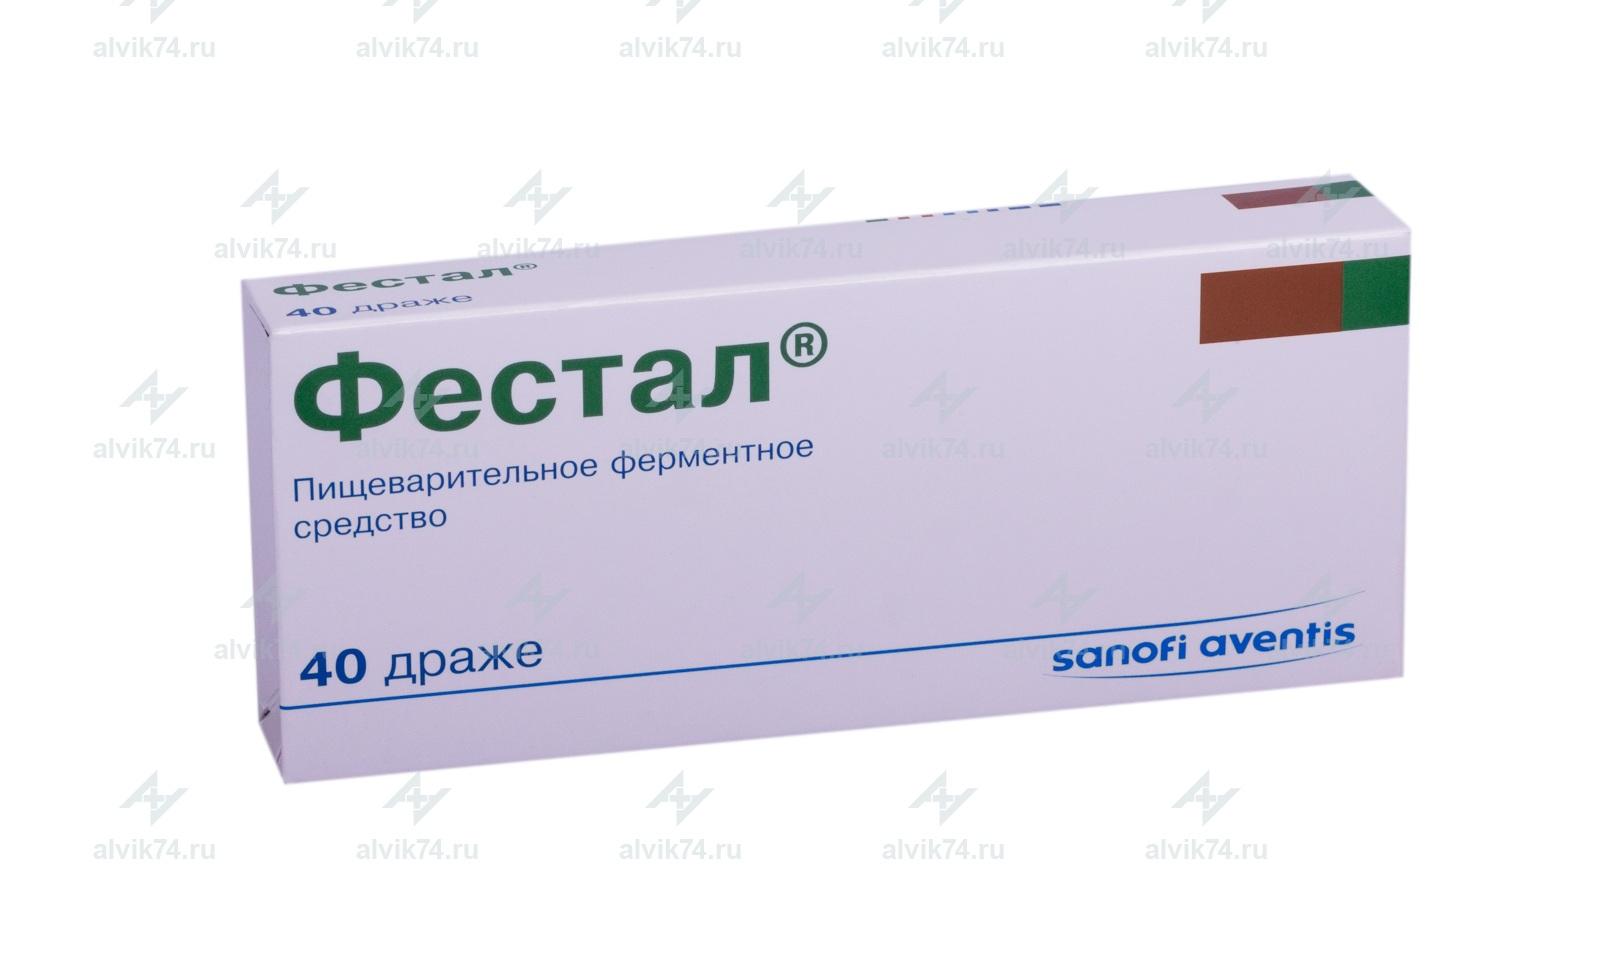 Фестал – препарат базовой терапии при расстройствах пищеварения